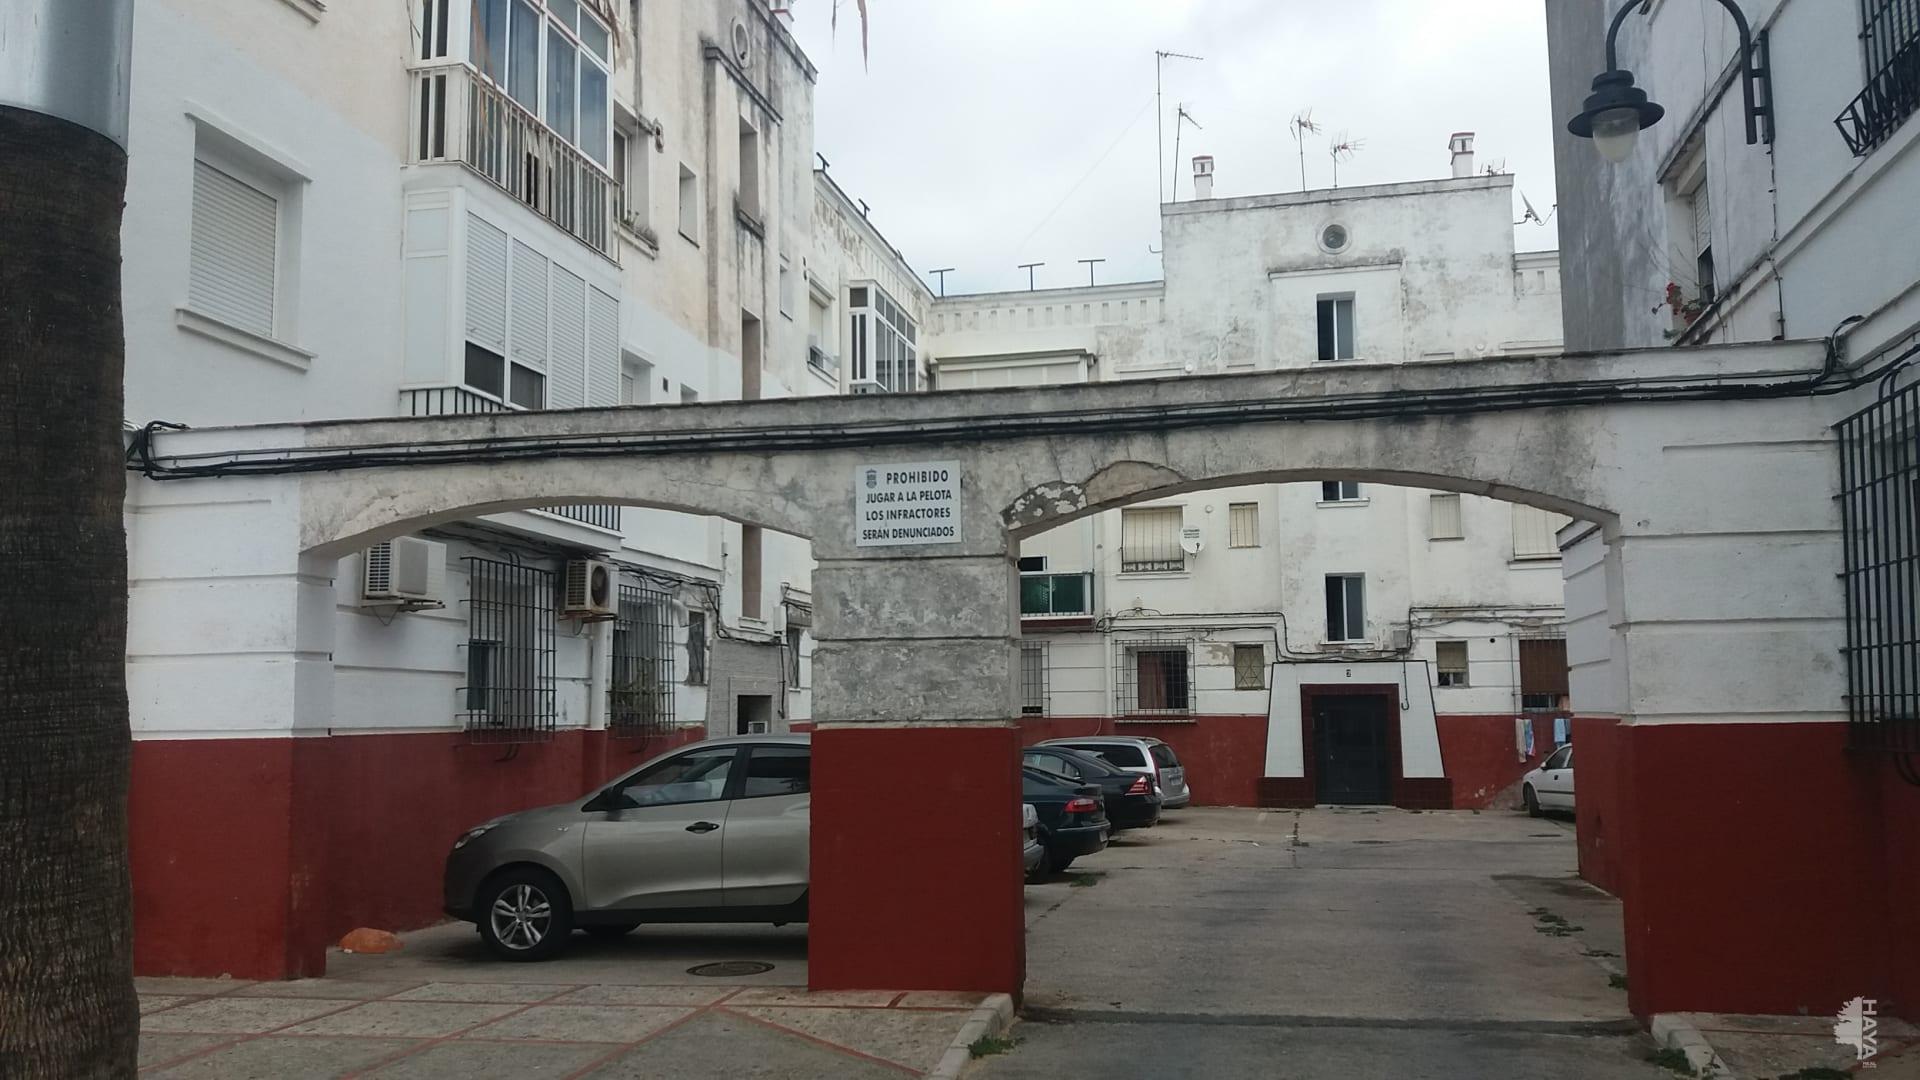 Piso en venta en San Fernando, Cádiz, Calle Nautilus, 52.000 €, 4 habitaciones, 1 baño, 88 m2